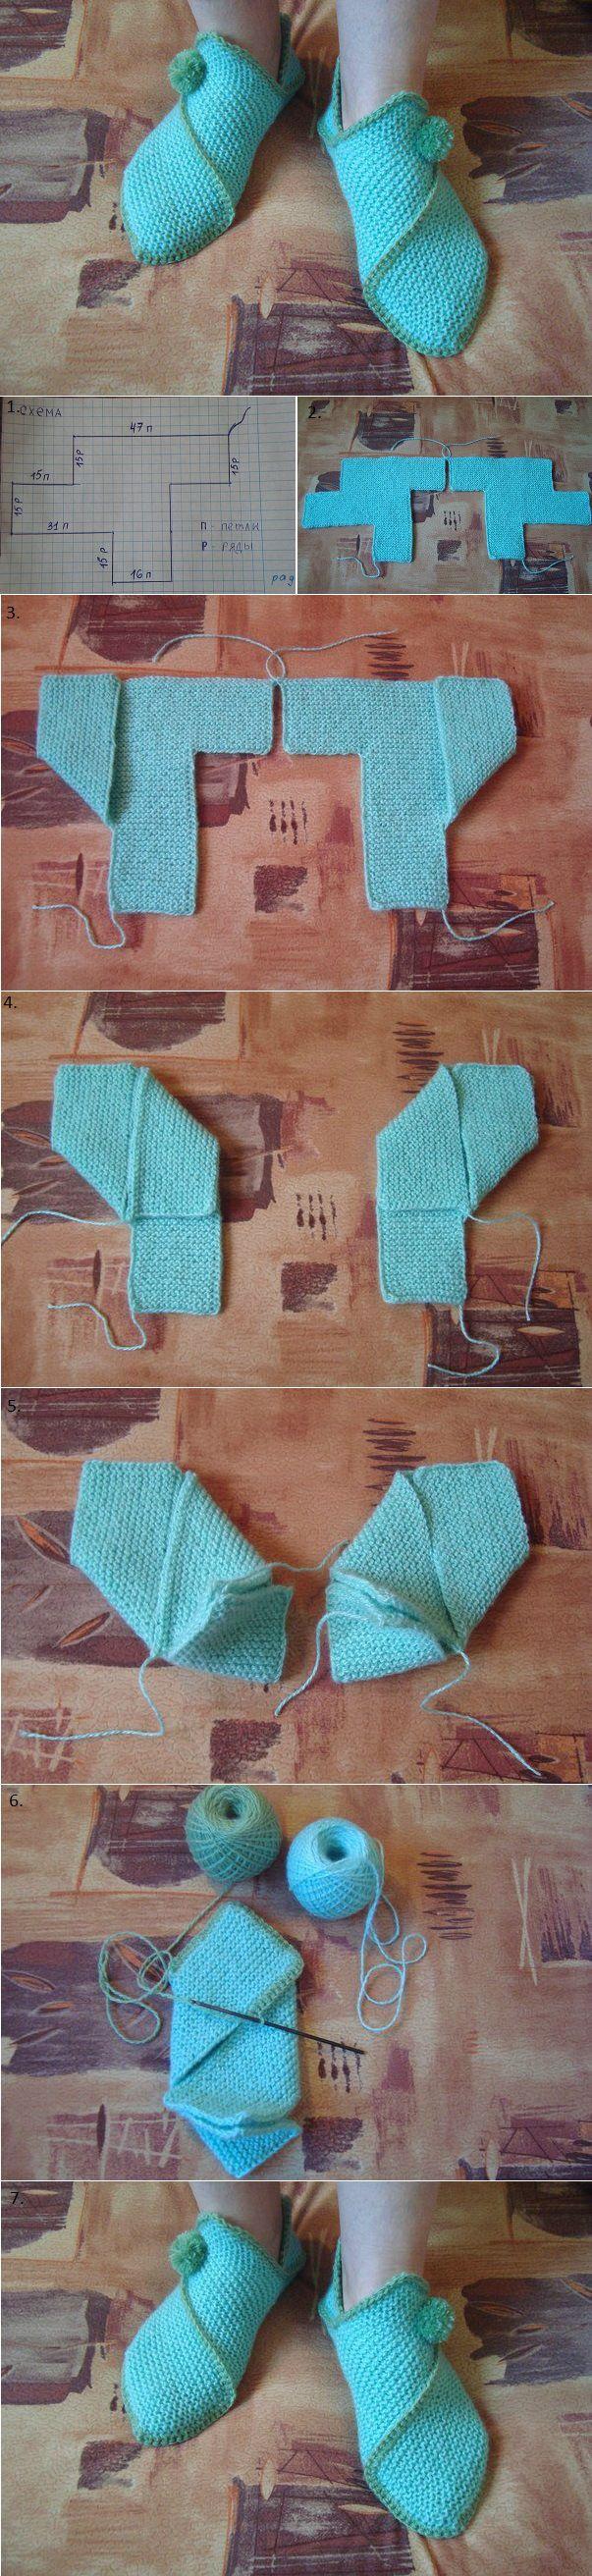 Inicio Zapatillas Instrucciones de tejer gratuito